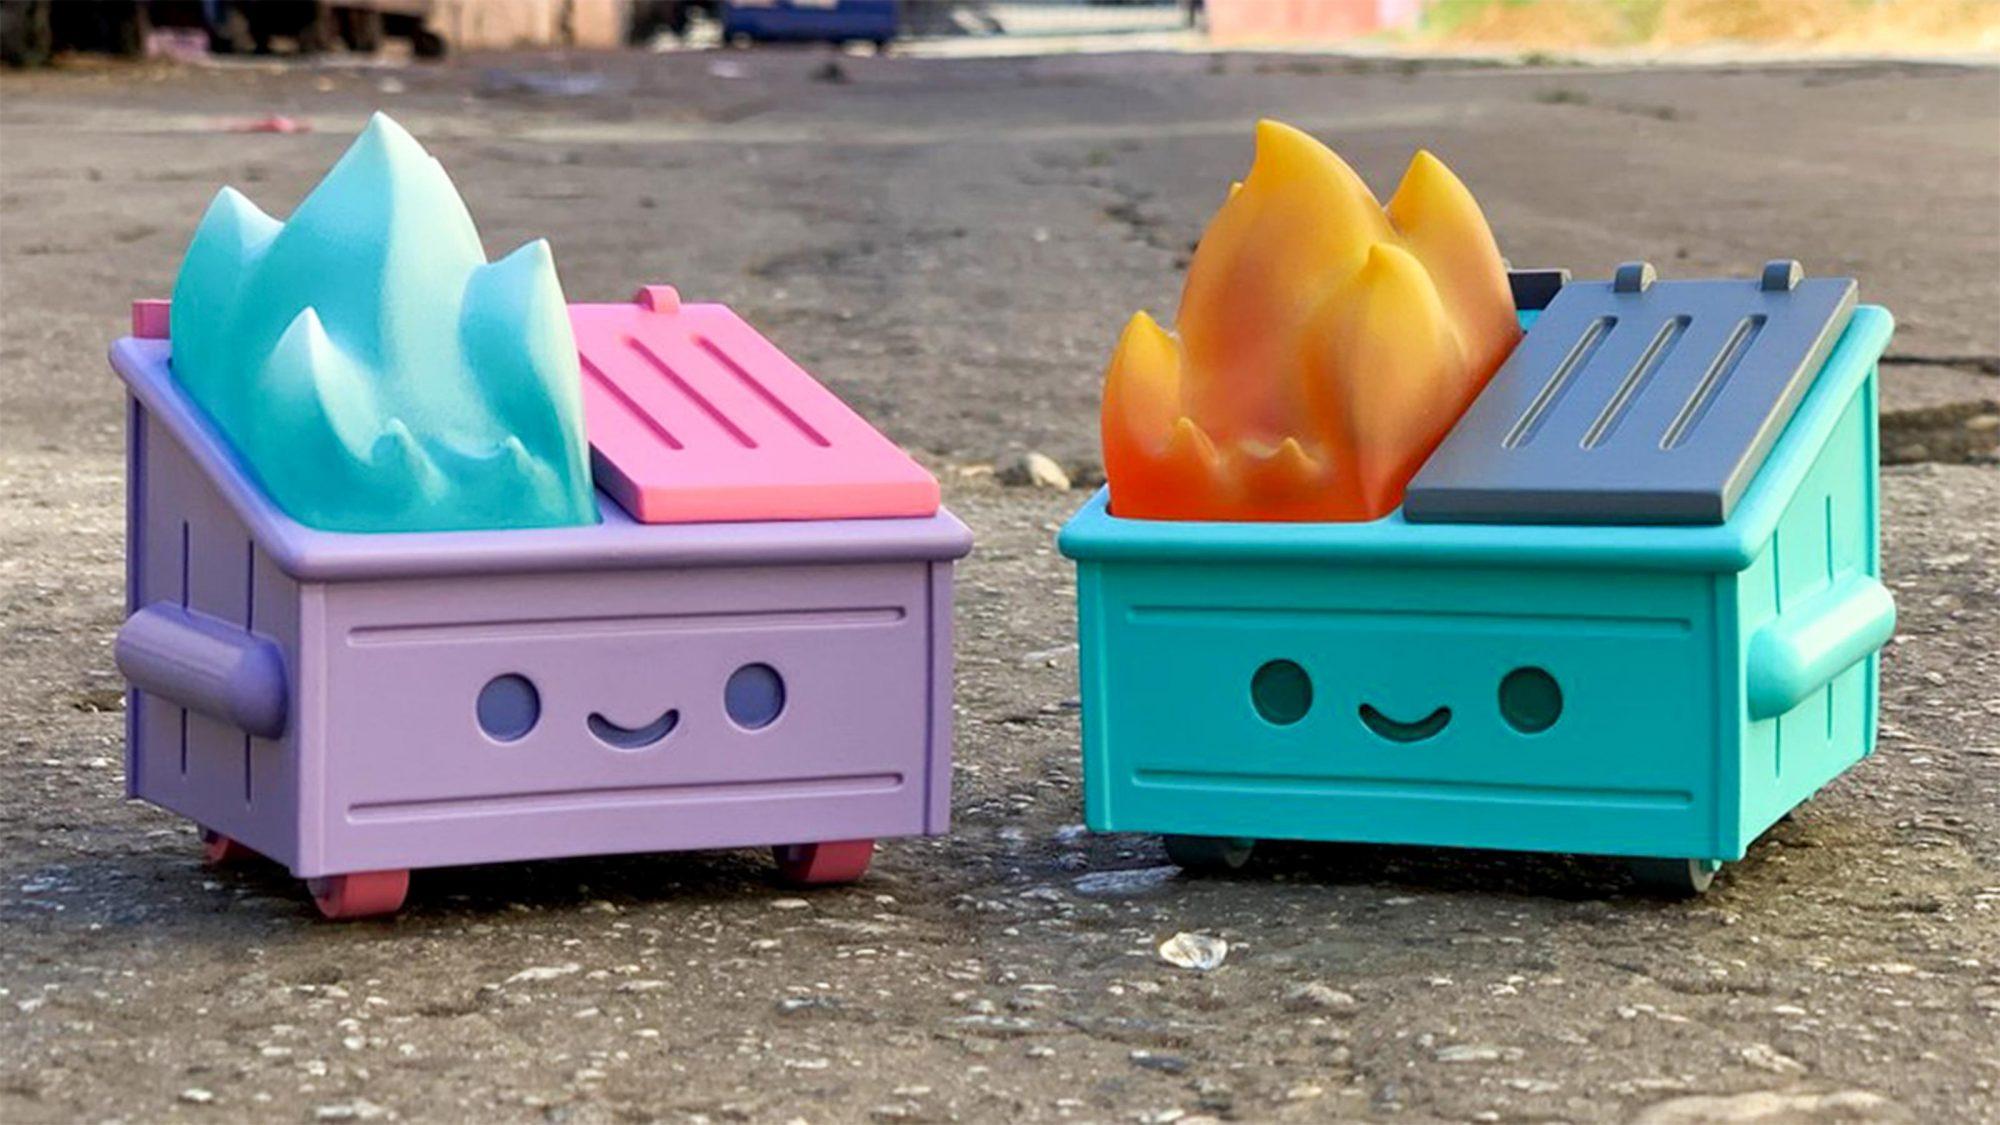 dumpster-toys